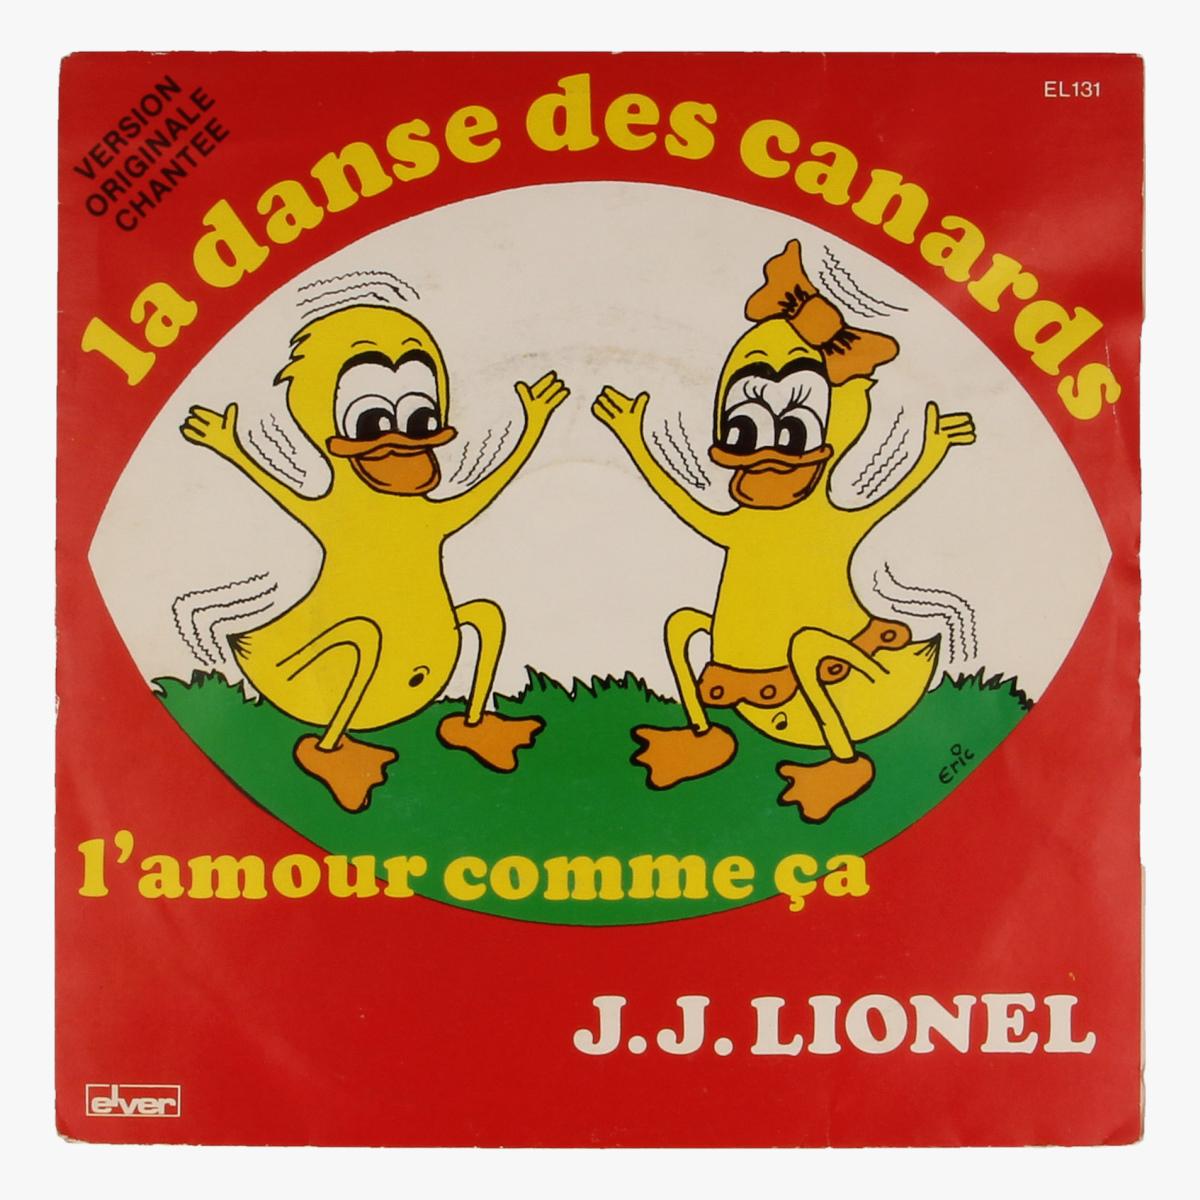 Afbeeldingen van J.J. Lionel - La dans des canards, L'amour comme ca LP 45toeren